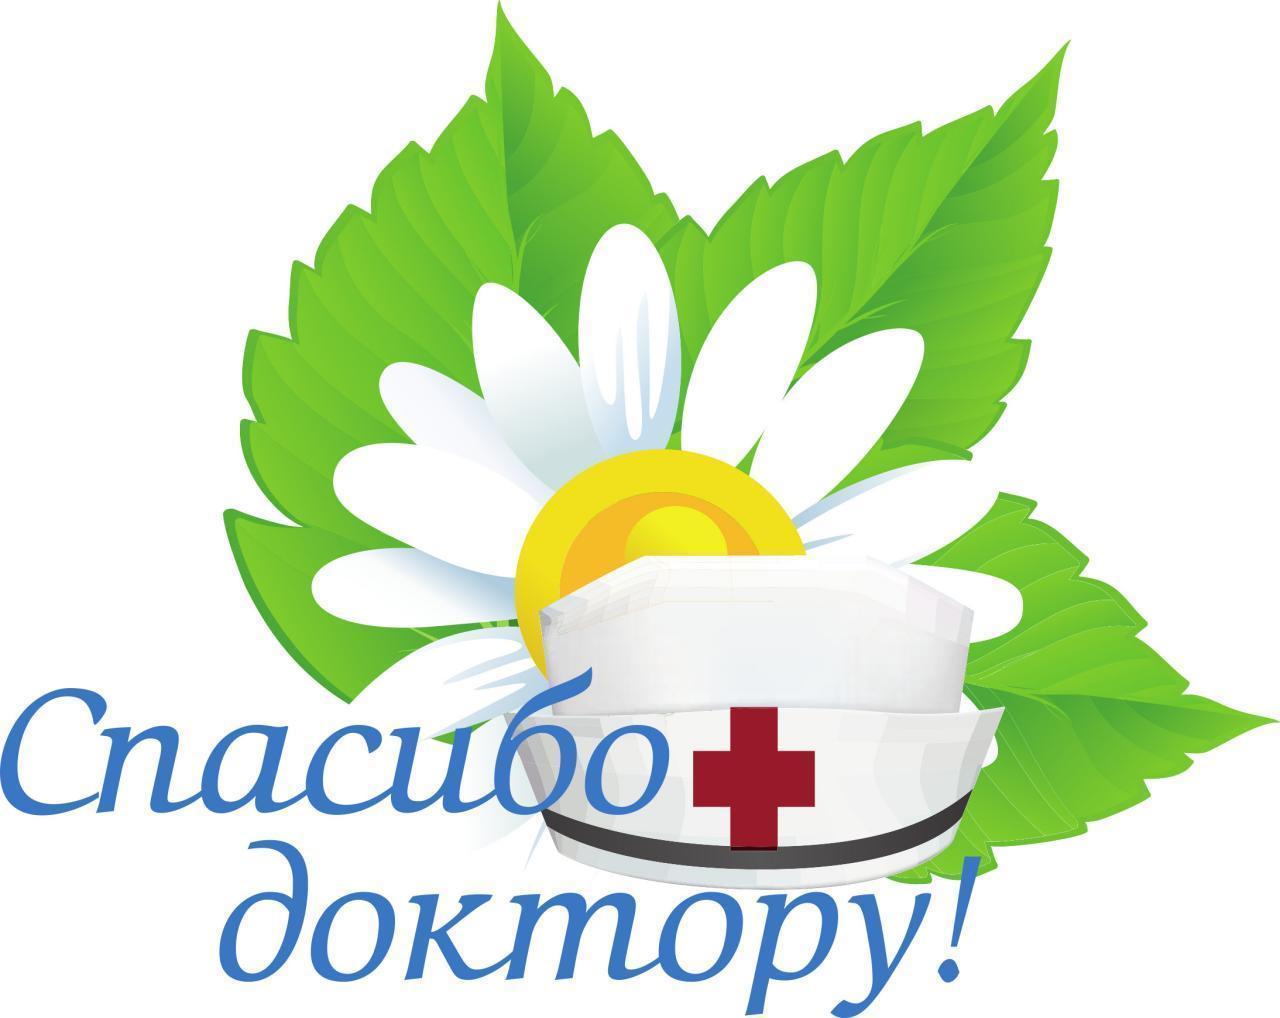 Жителей Томской области приглашают сказать _спасибо_ доктору